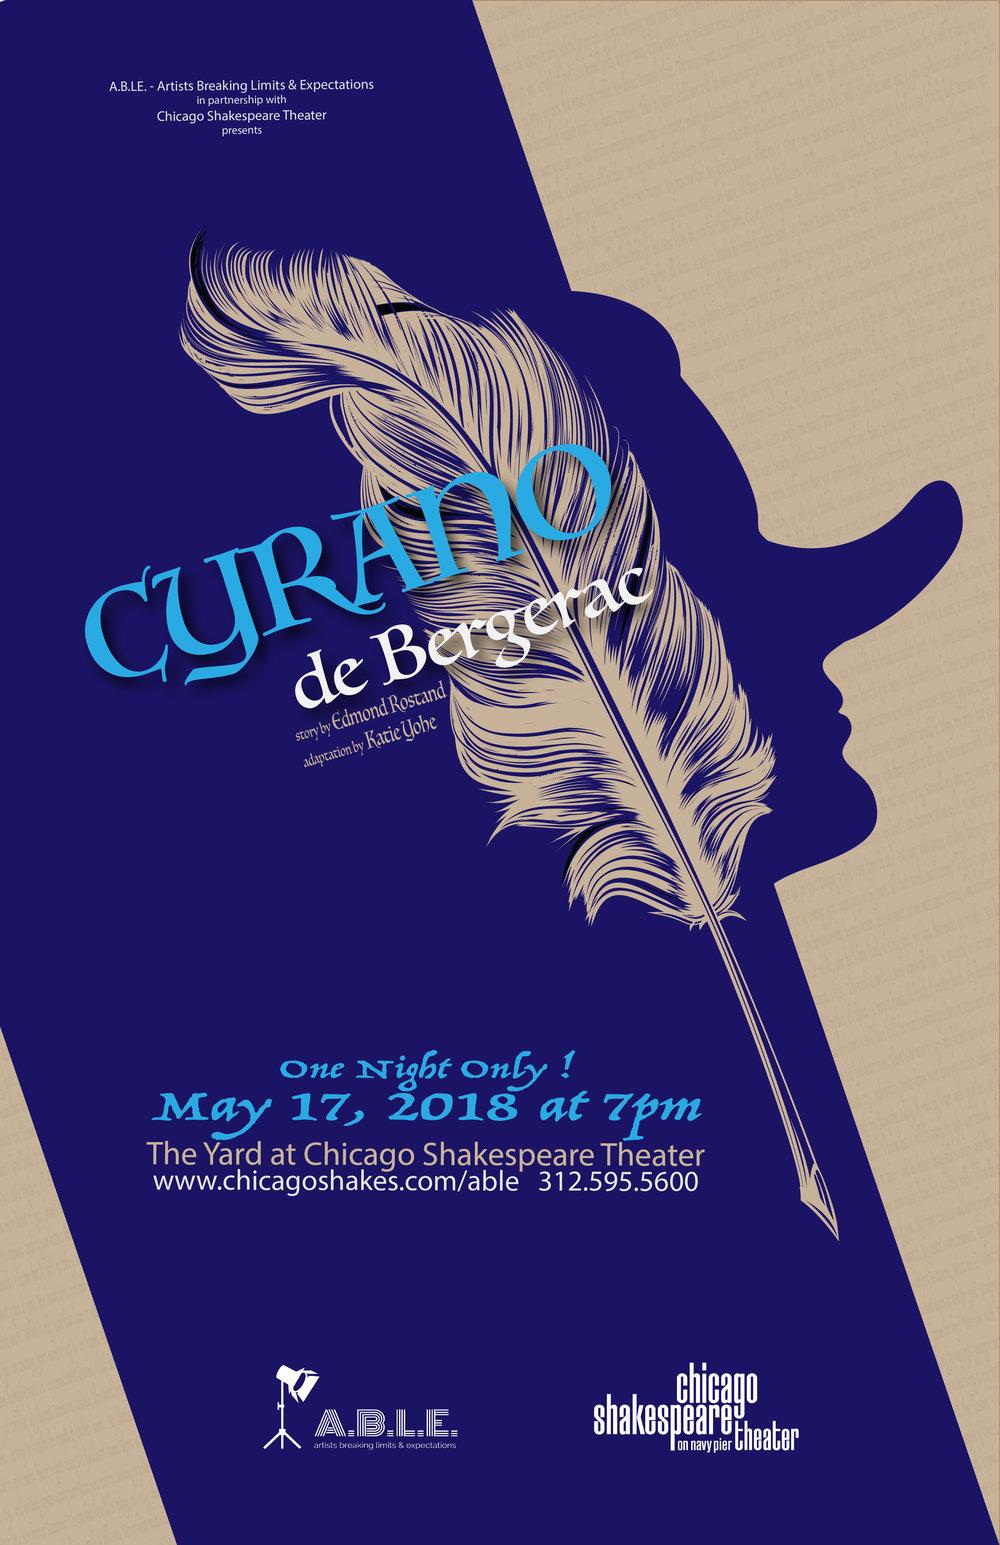 ABLE Cyrano poster.jpg